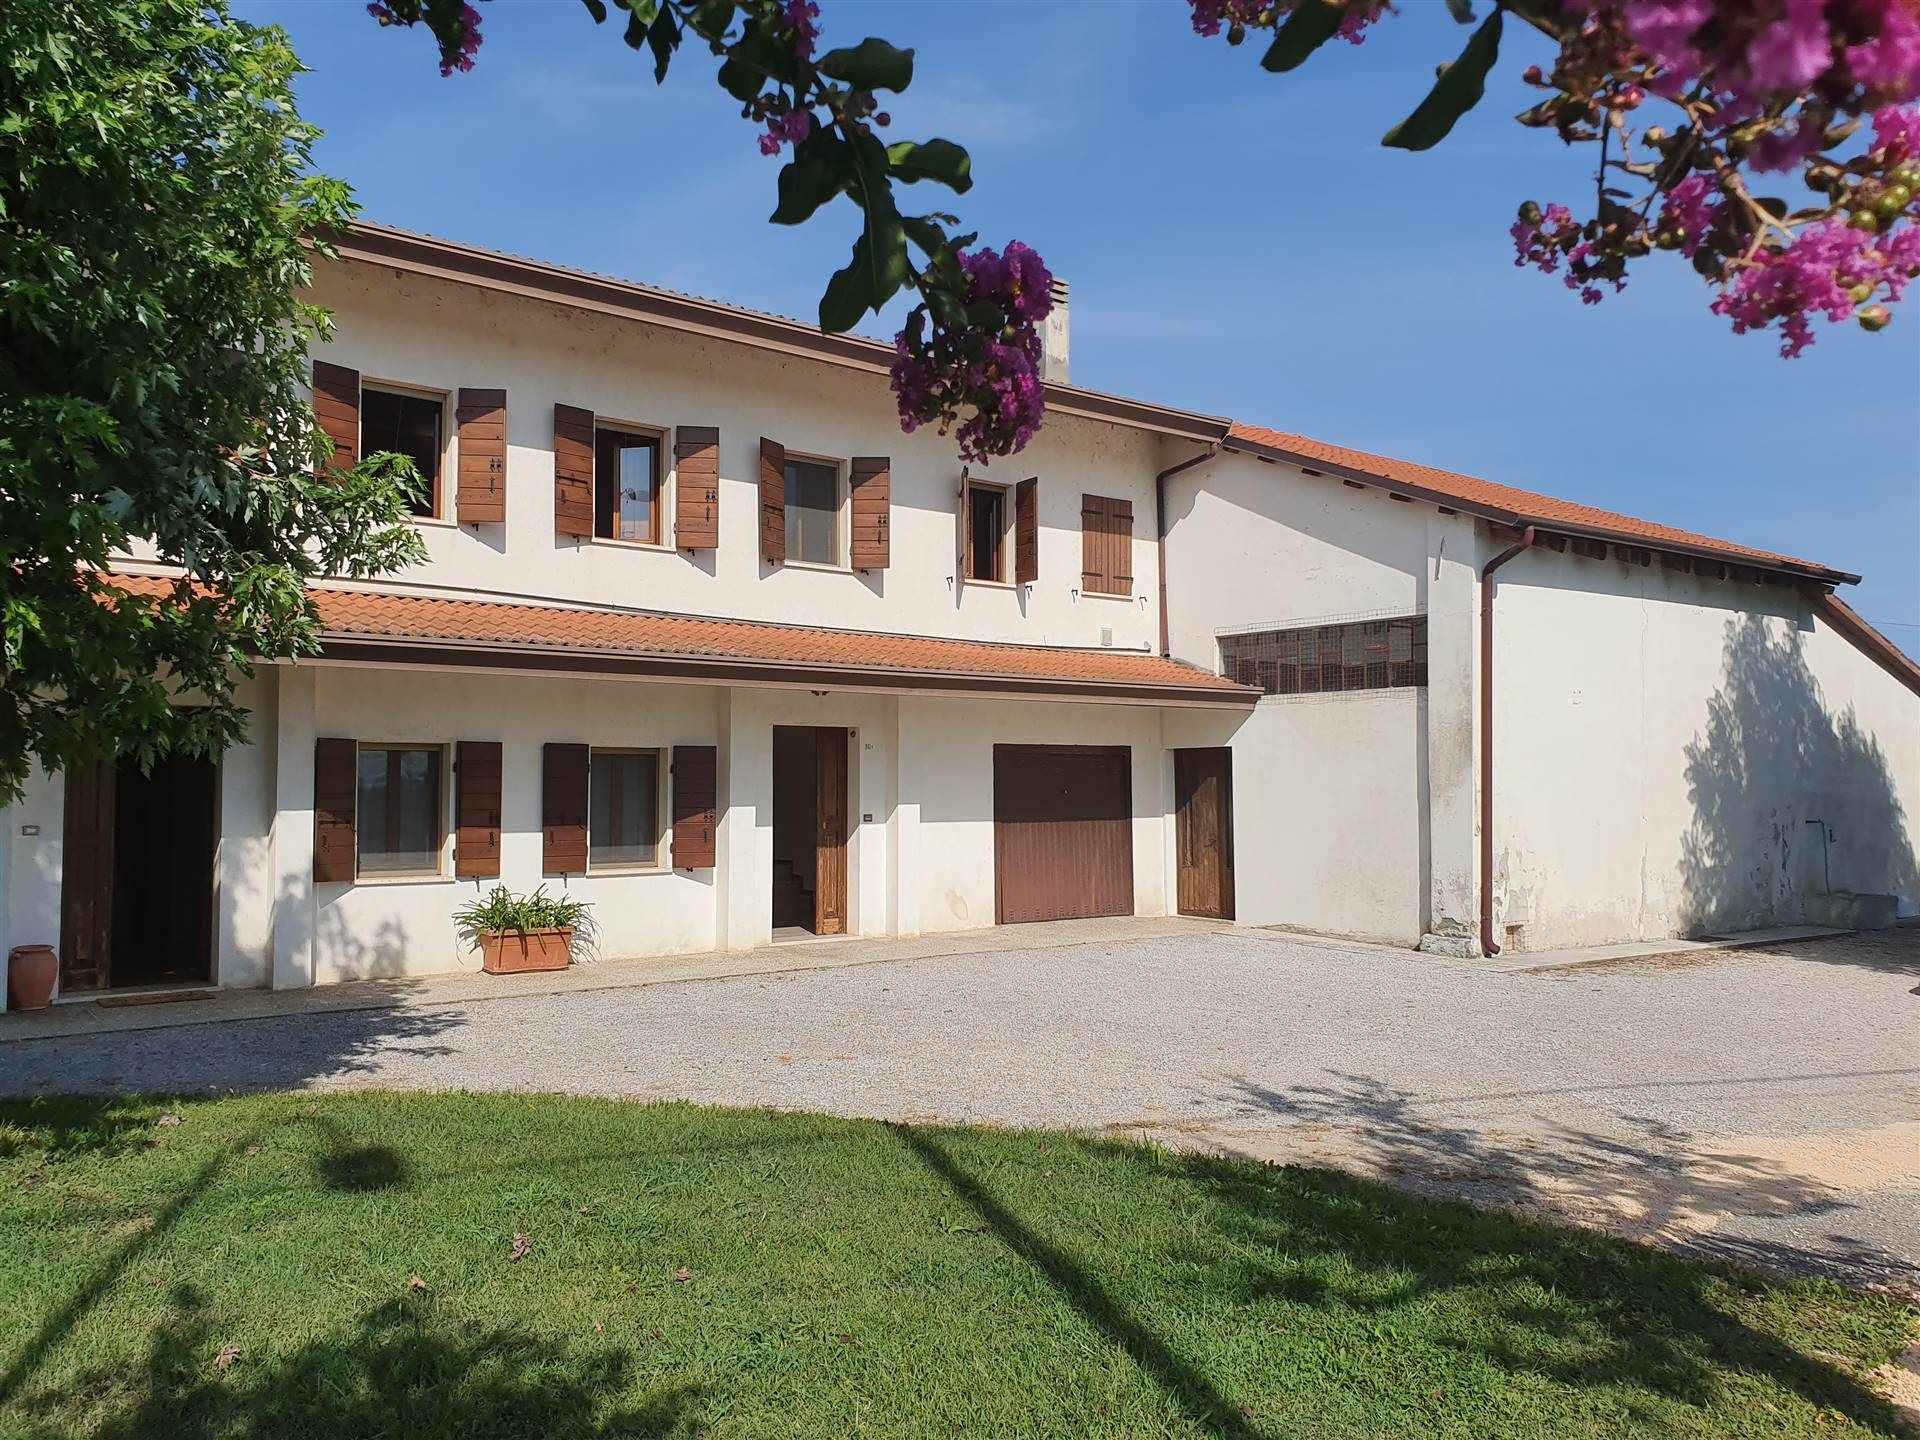 JESOLO CASALE doppia abitazione con terreno viticolo Foto 2